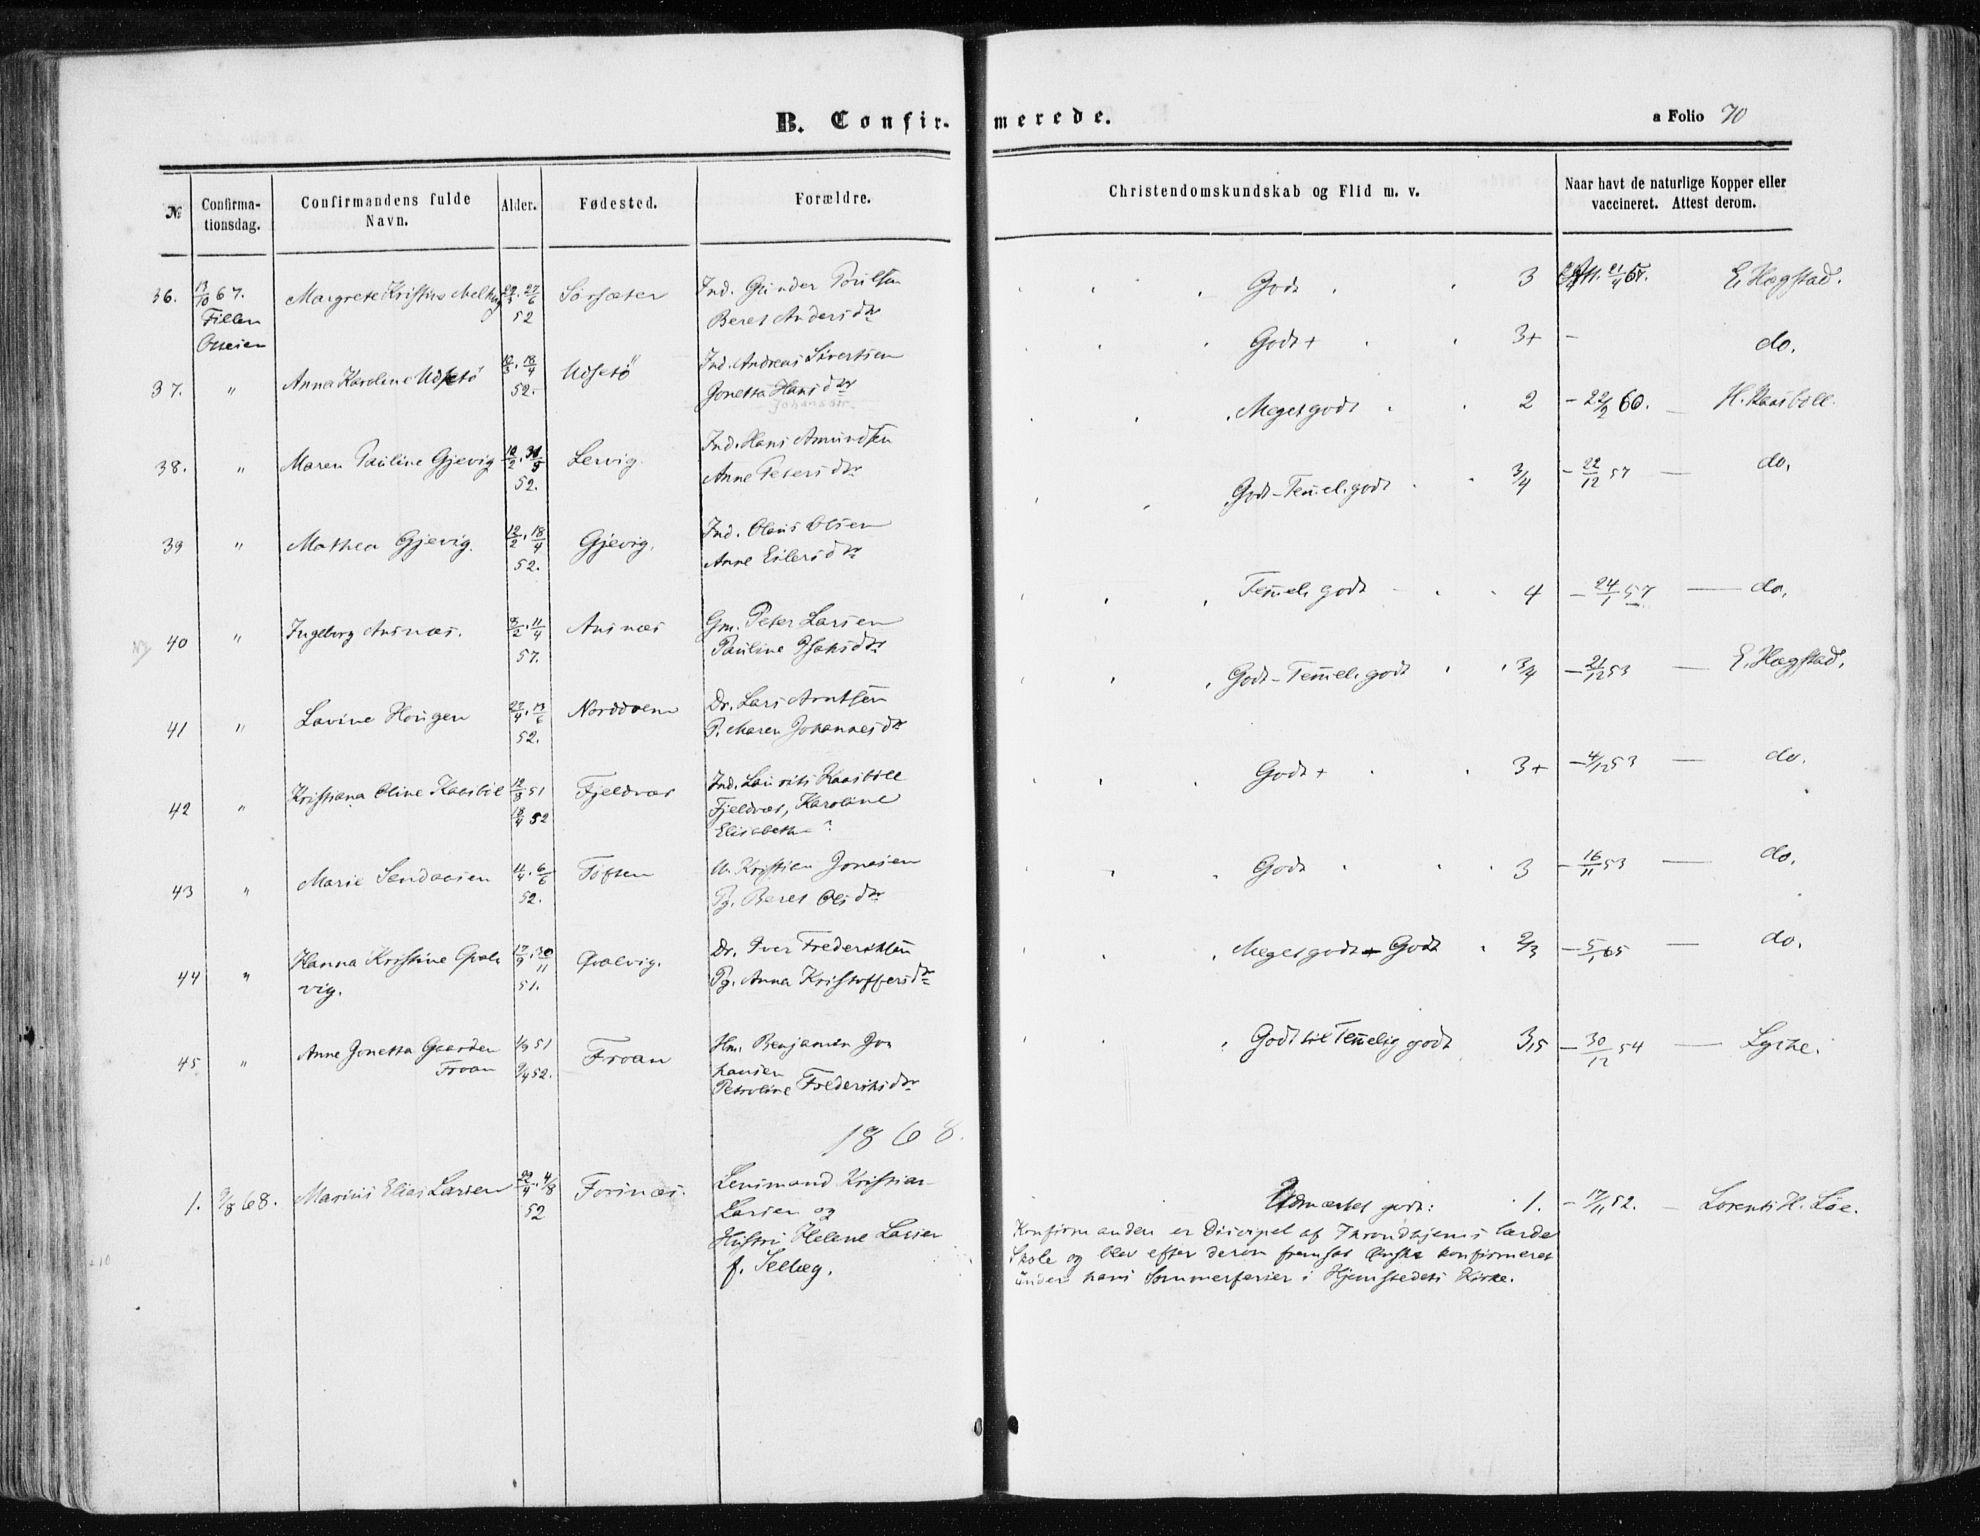 SAT, Ministerialprotokoller, klokkerbøker og fødselsregistre - Sør-Trøndelag, 634/L0531: Ministerialbok nr. 634A07, 1861-1870, s. 70